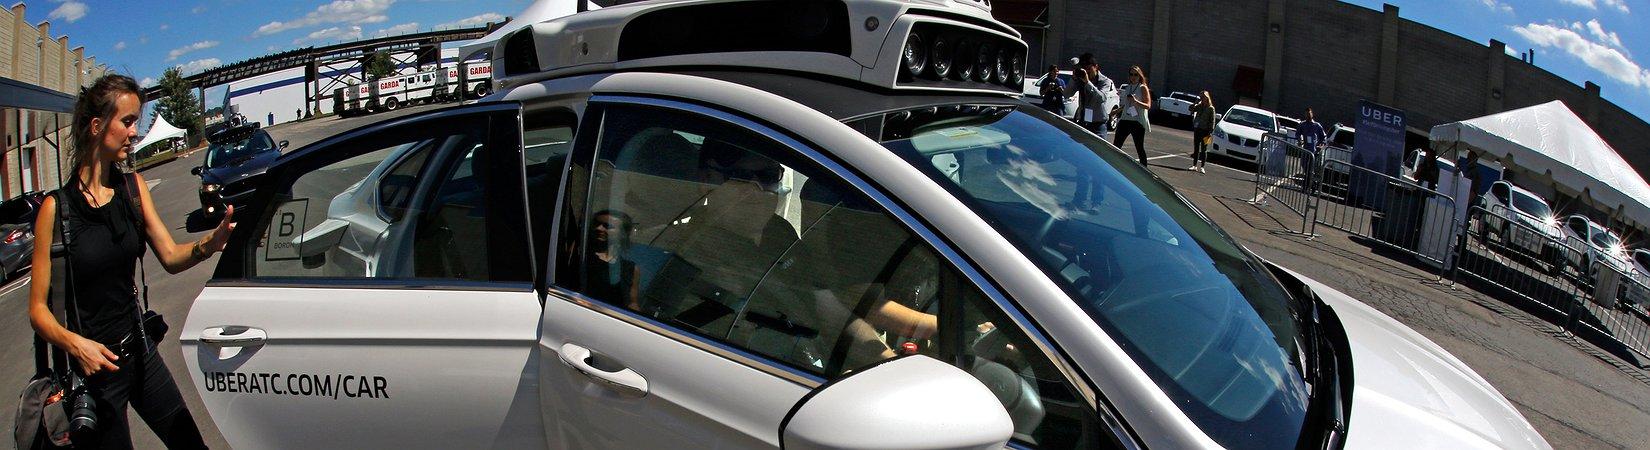 Uber: من السيارات ذاتية القيادة إلى العرض العام الأولي